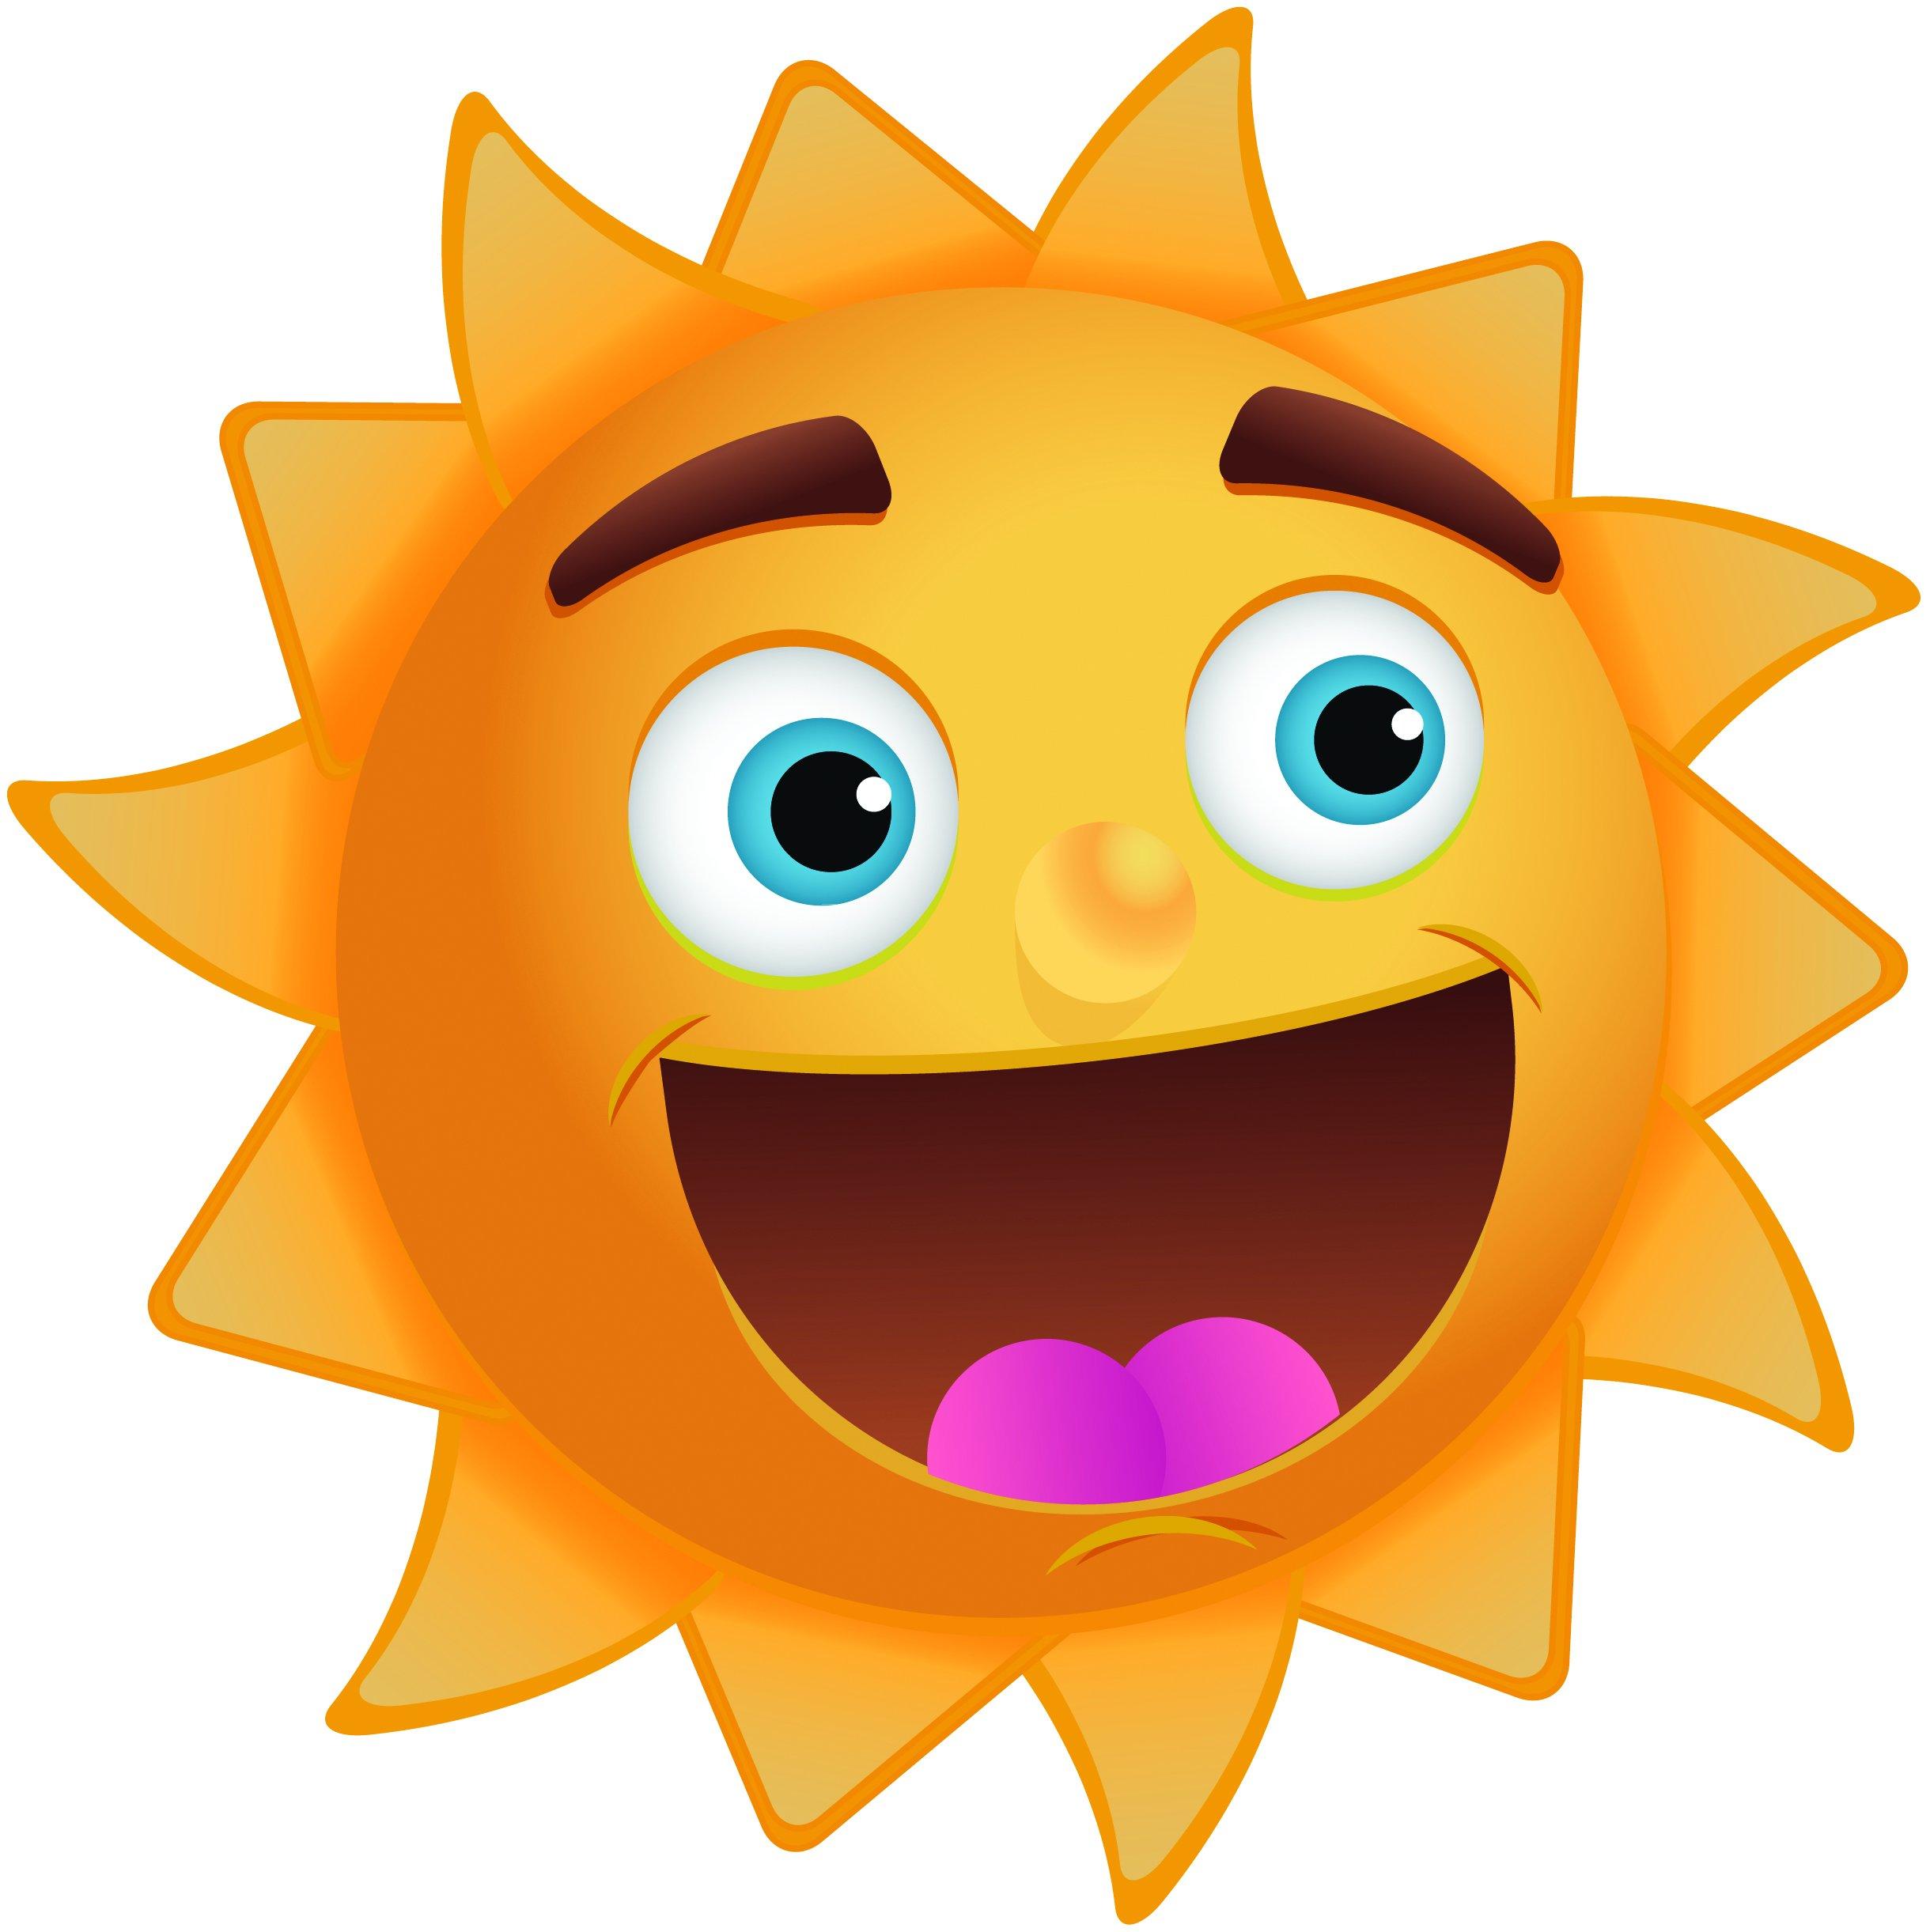 2440x2443 Sun Clipart Sunshine